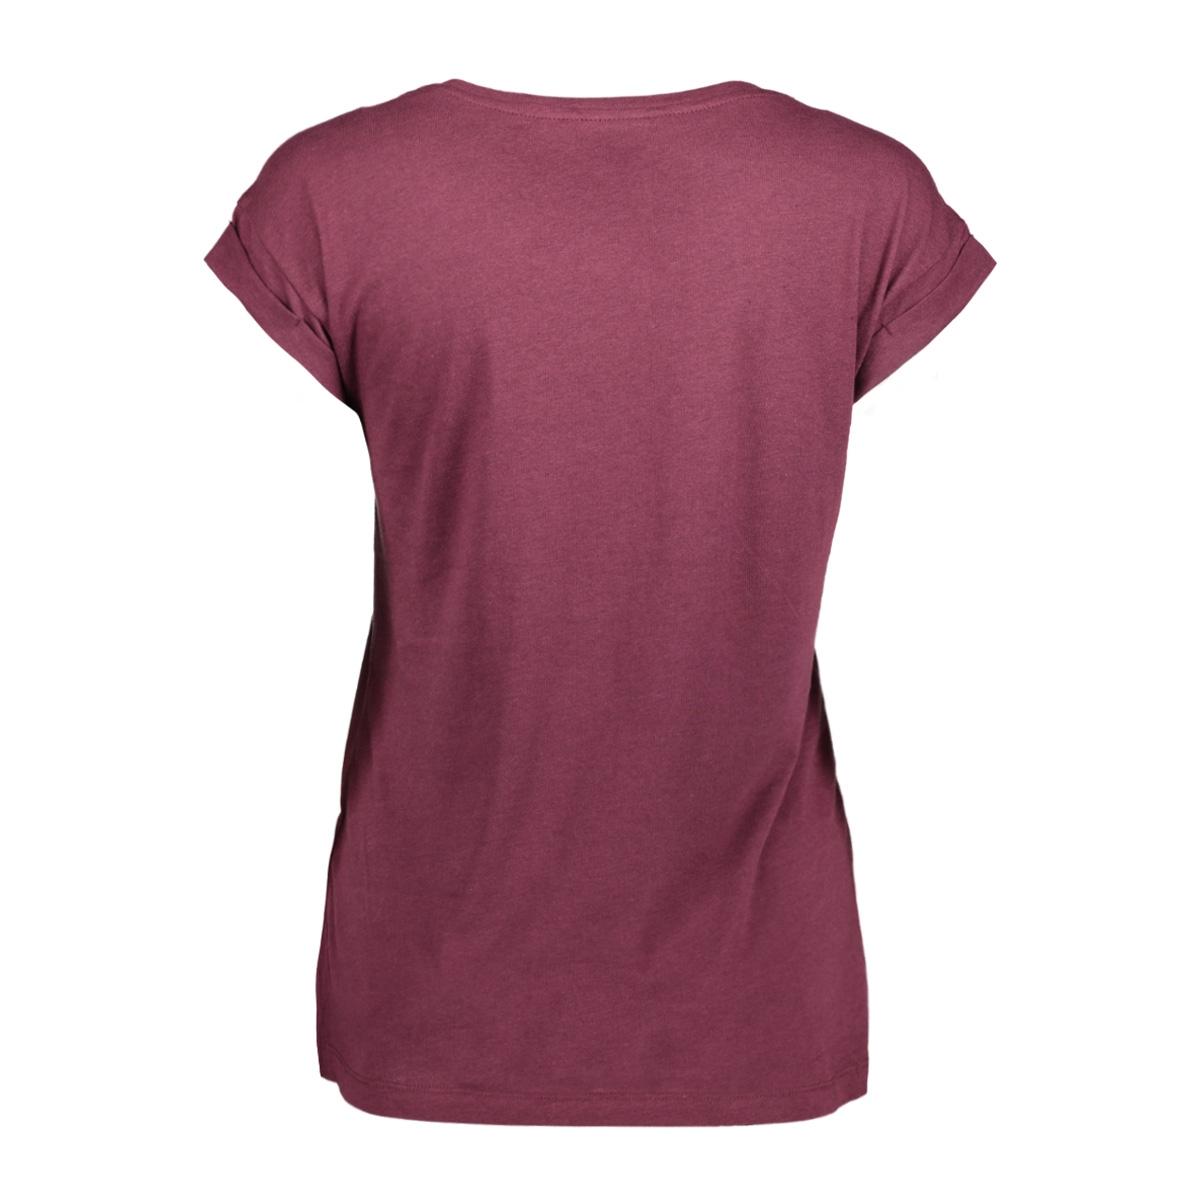 onlvelvet detailed s/s top jrs box 15142633 only t-shirt port royale/blah blah